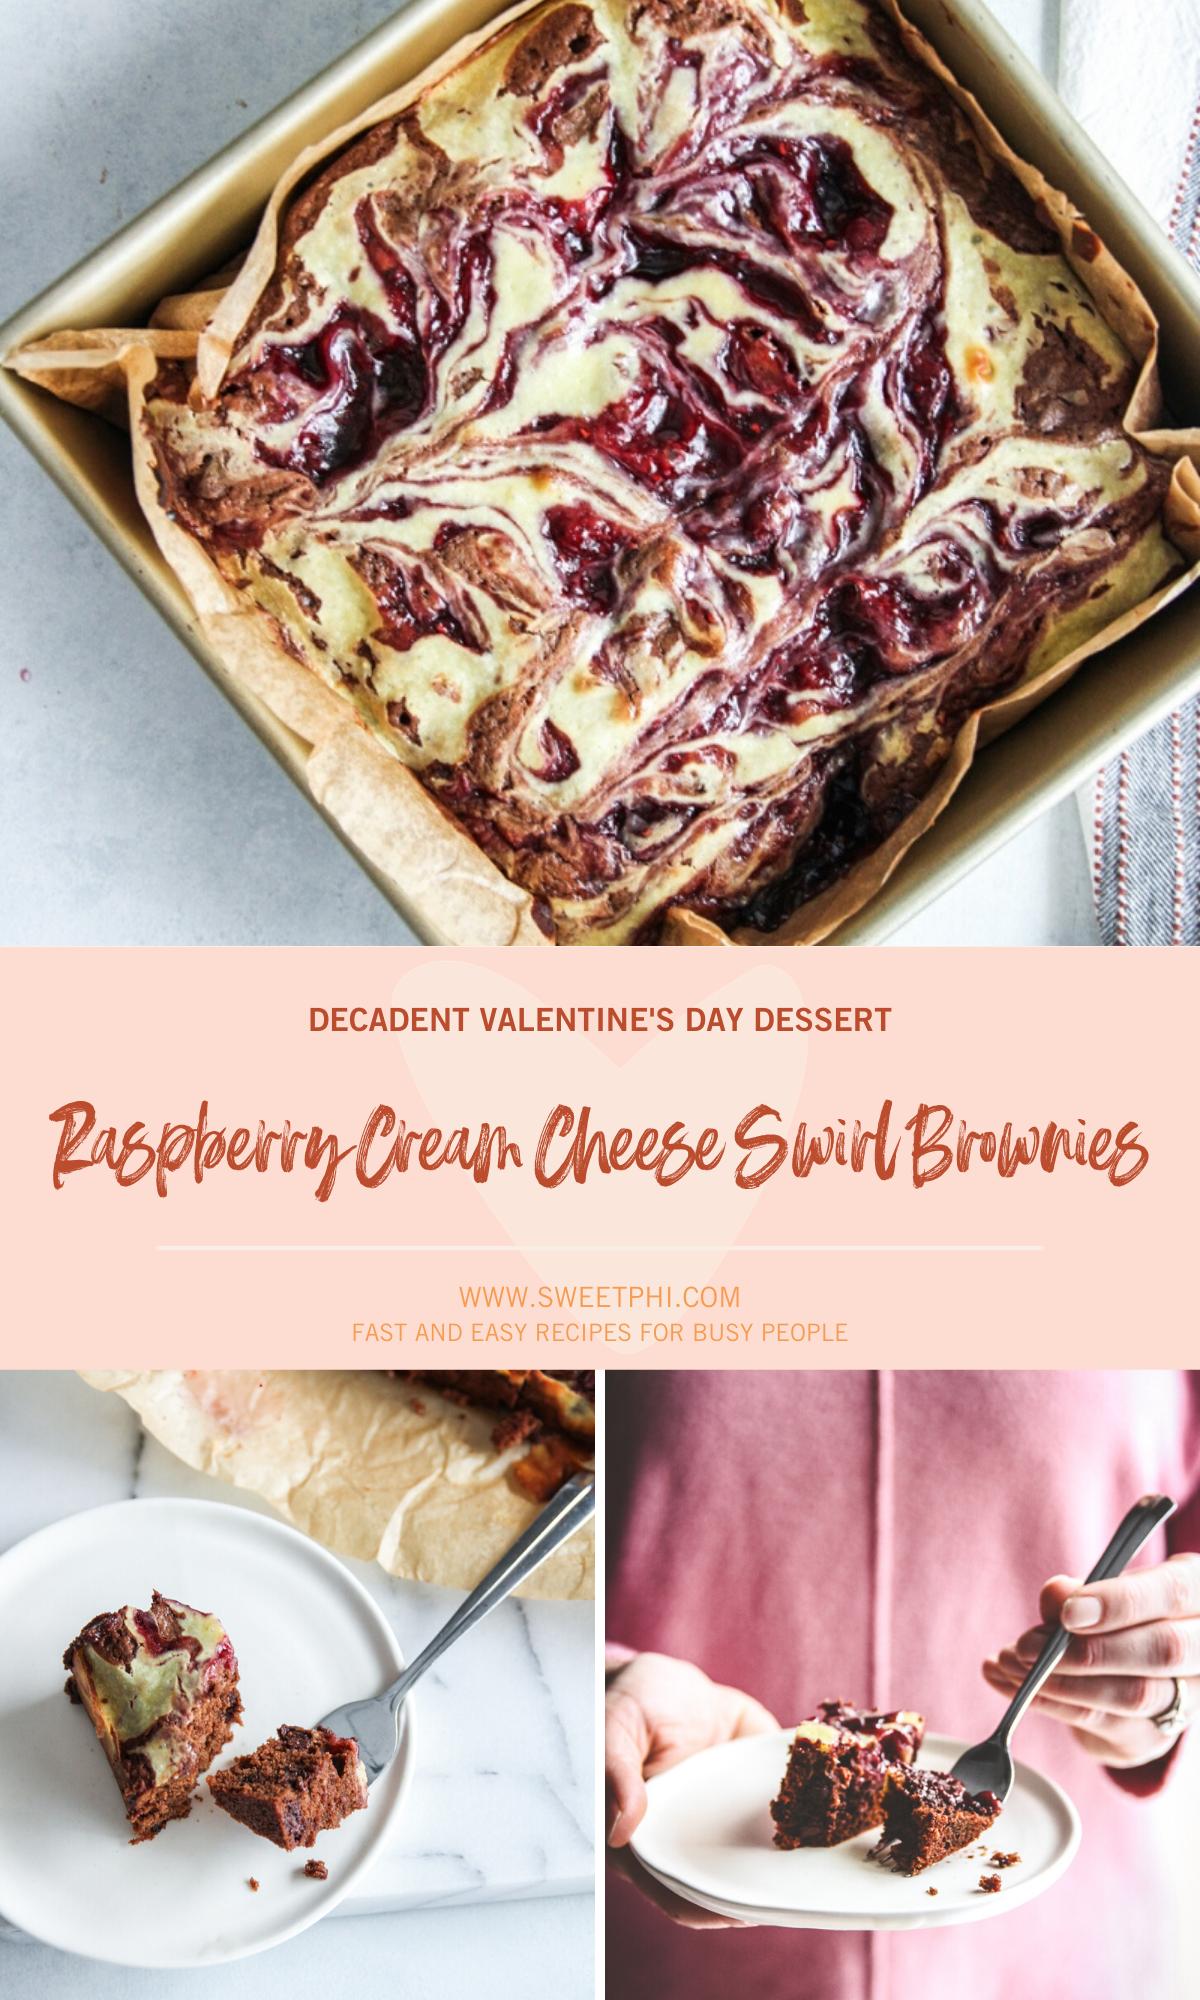 Raspberry Cream Cheese Swirl Brownies